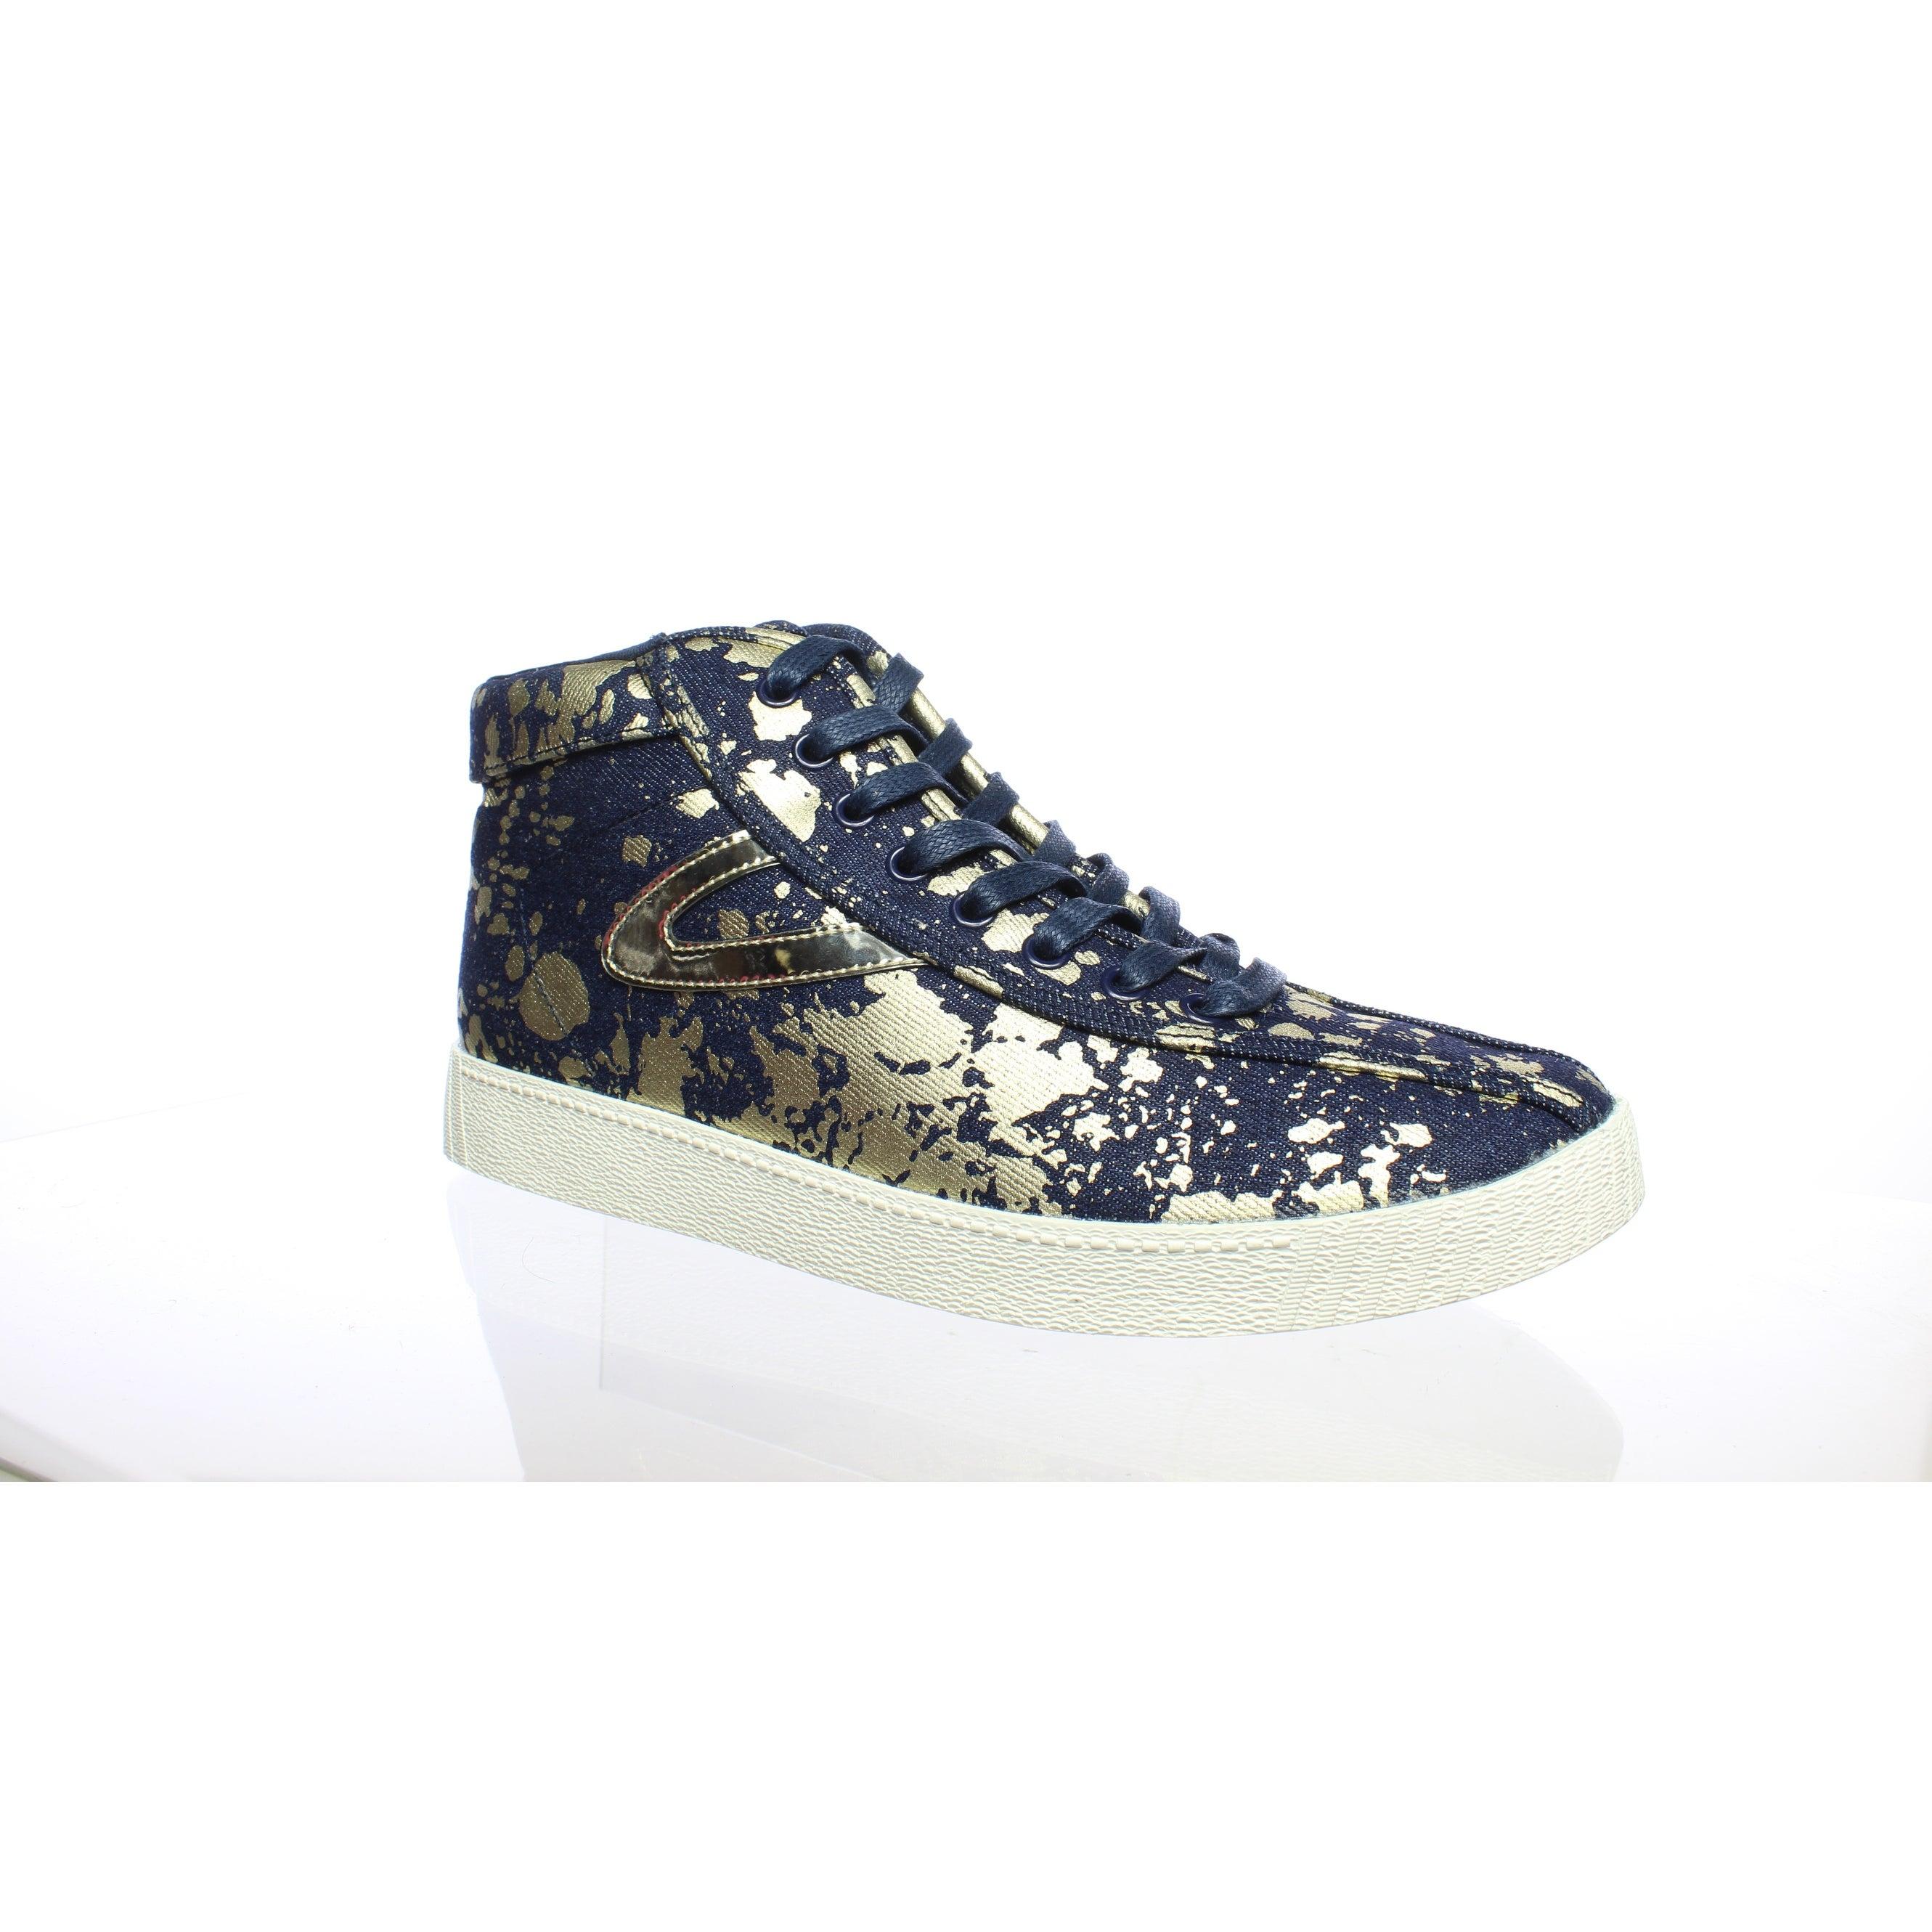 Tretorn Shoes | Shop our Best Clothing & Shoes Deals Online